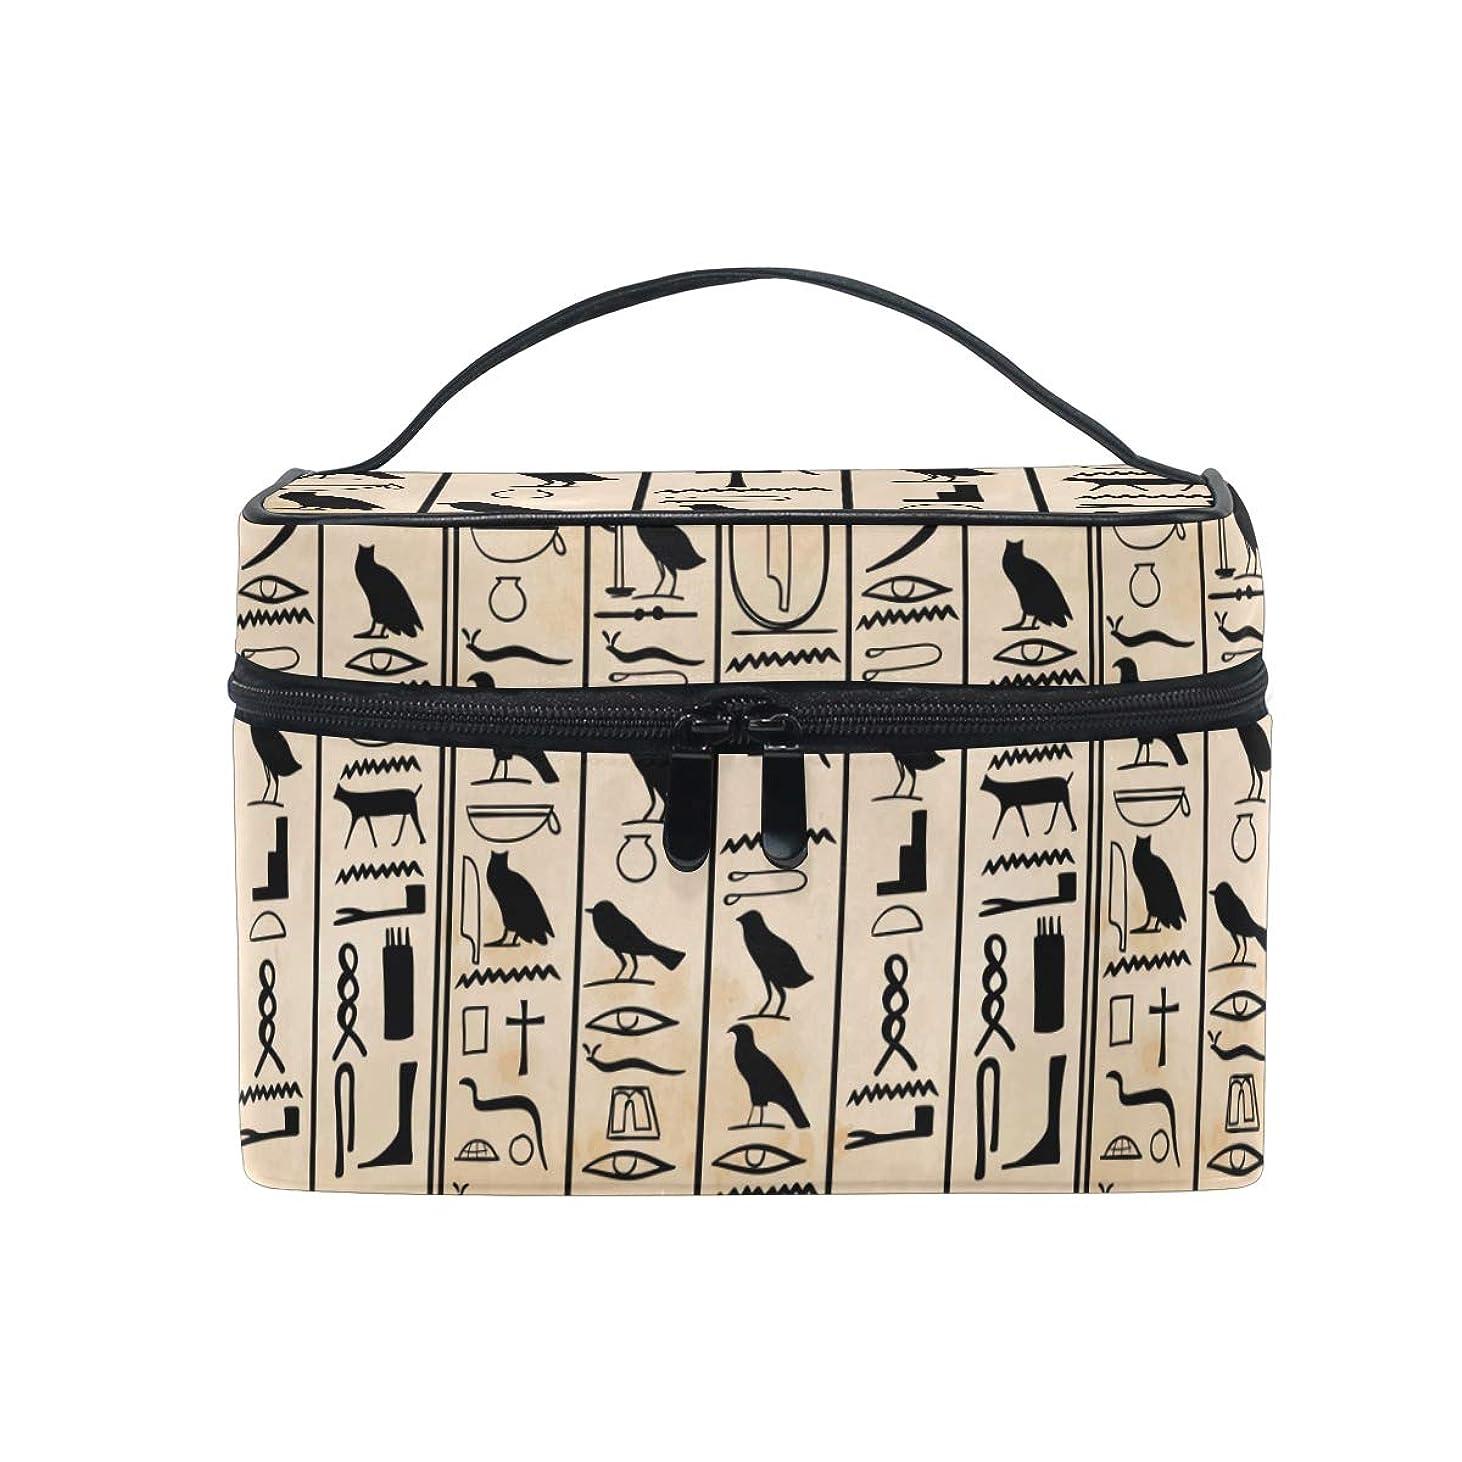 ピアノを弾く一瞬敬意を表するアートエジプトエジプトの象形文字メイクバッグ 旅行 メイクボックス バッグ トイレタリー トレイン ケース レディース 美容 化粧ポーチ ポーチ